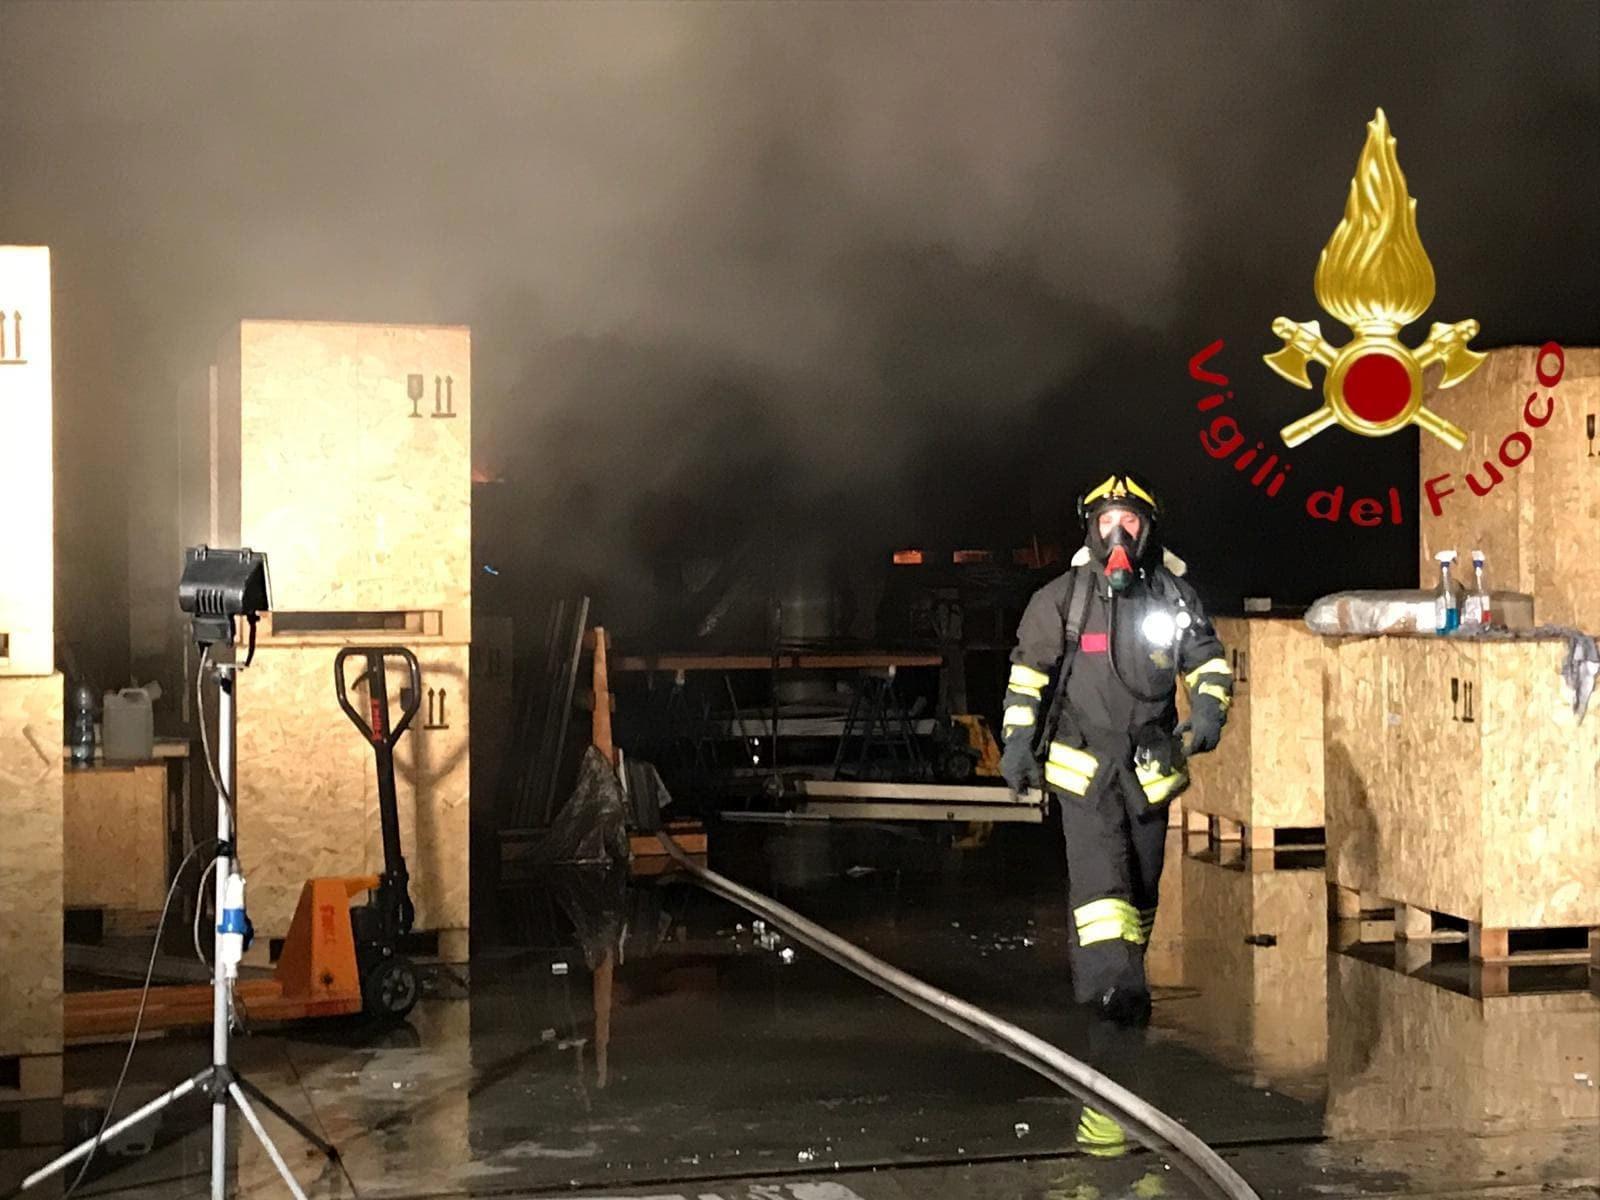 Incendio a Cabiate 5 agosto 2019 2-2-2-2